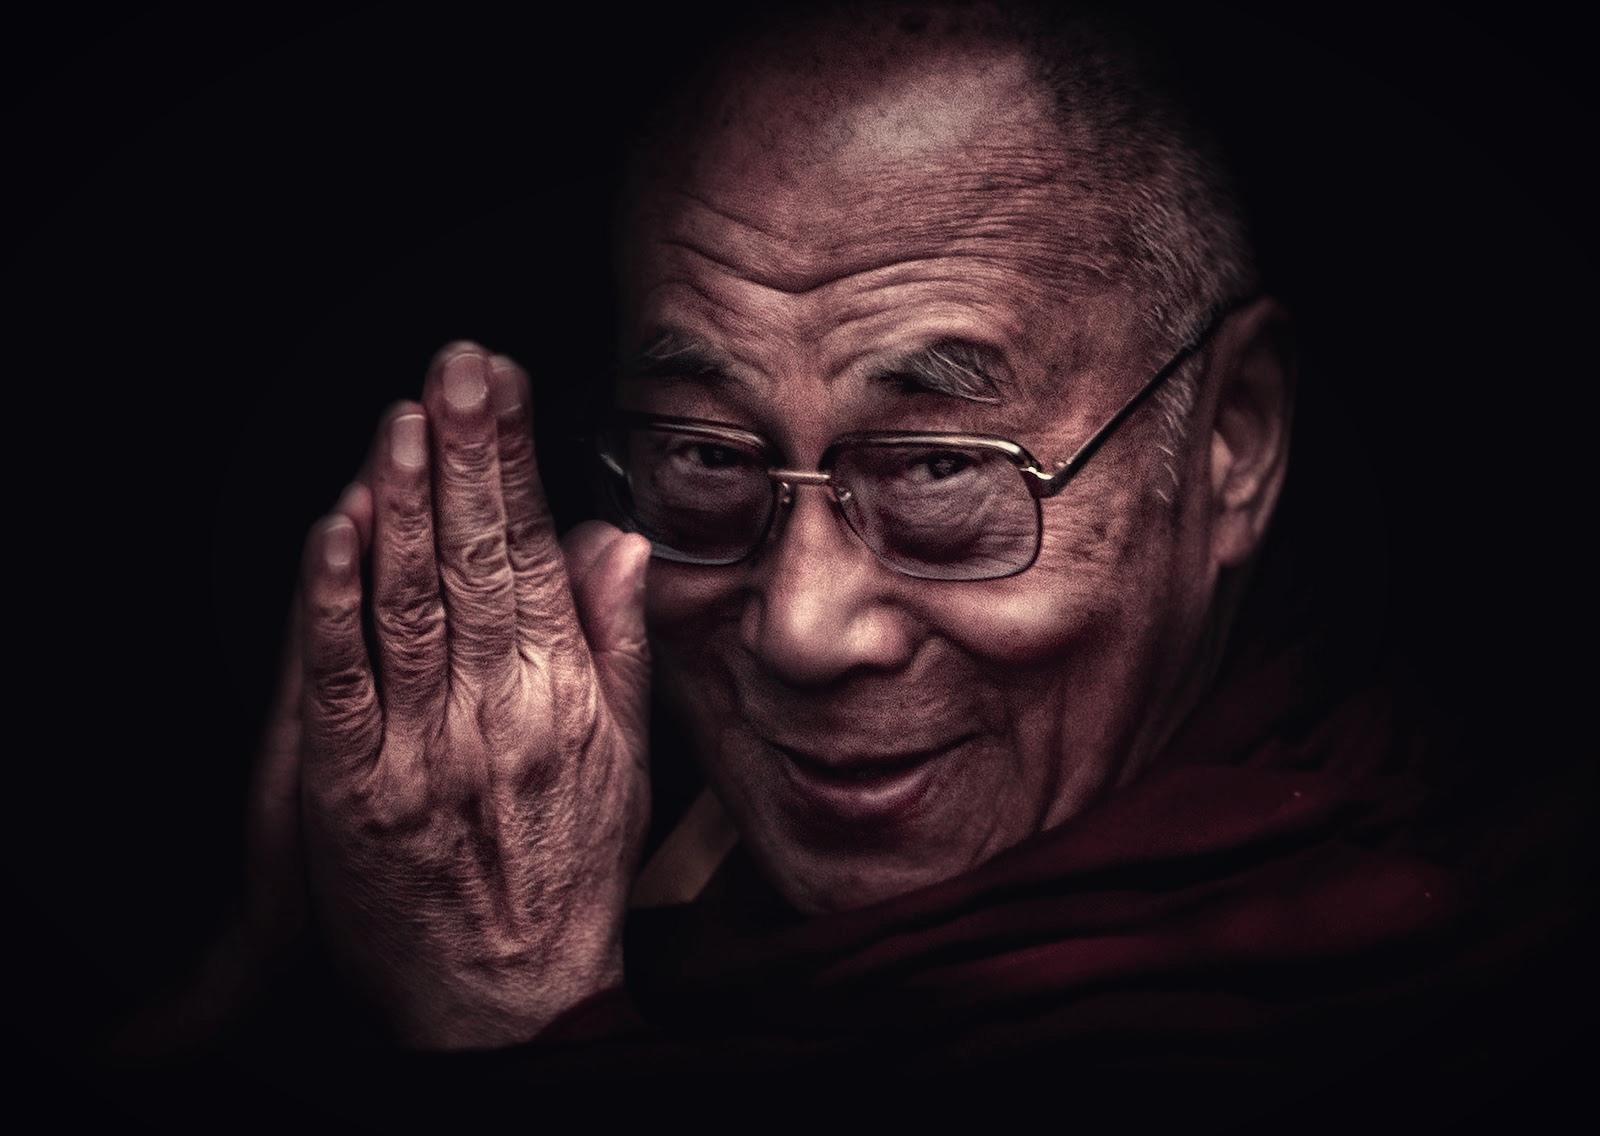 dalai-lama_Fotor GREY.jpg